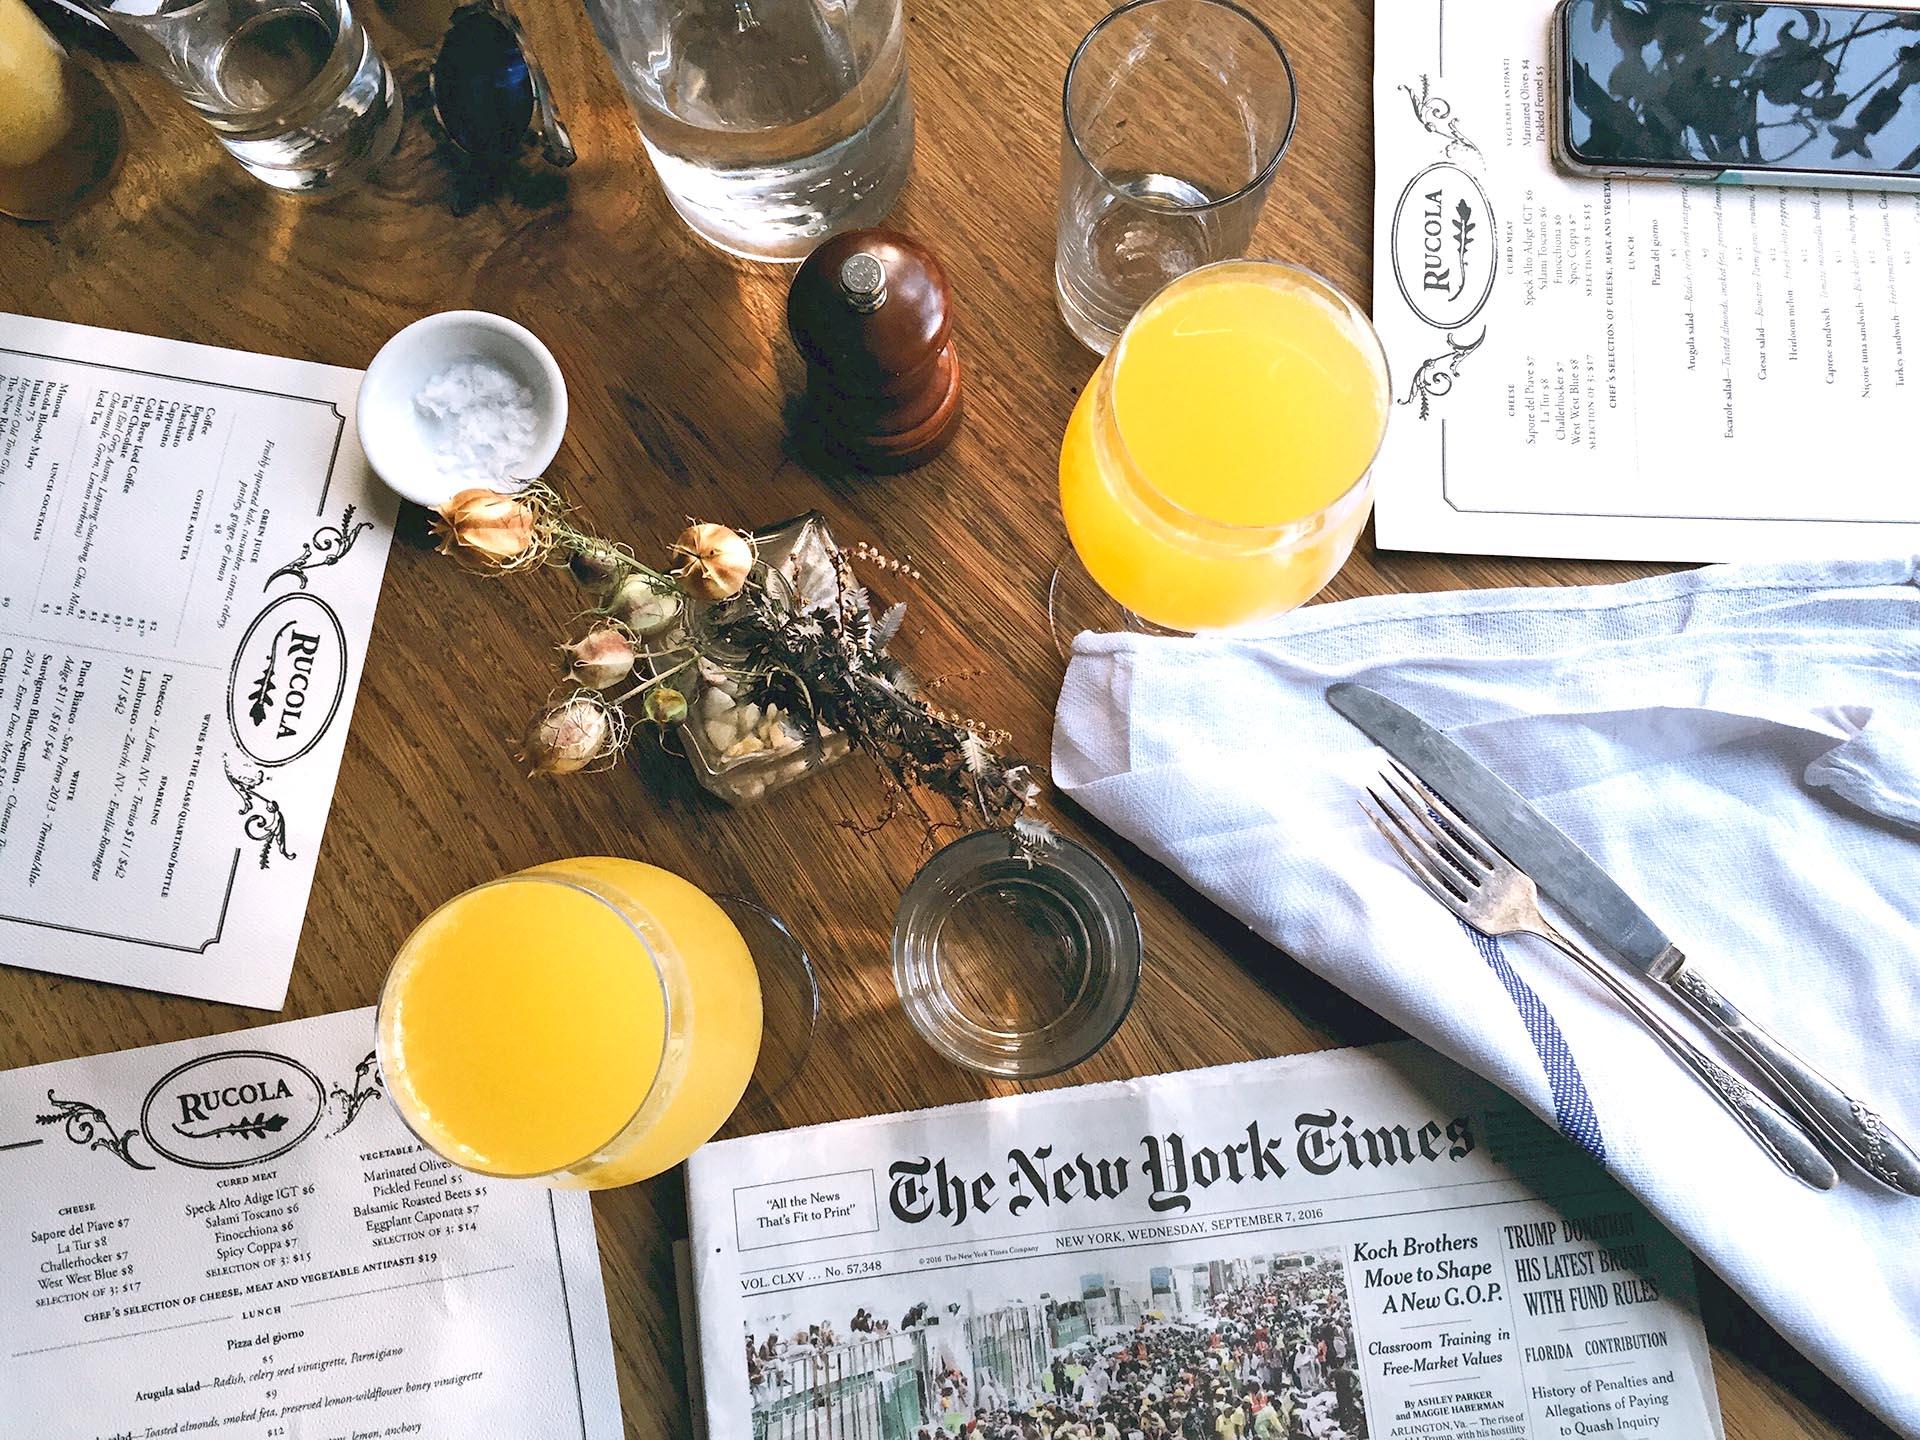 Um bom restaurante merece um cardápio bem impresso. Foto: Unsplash.